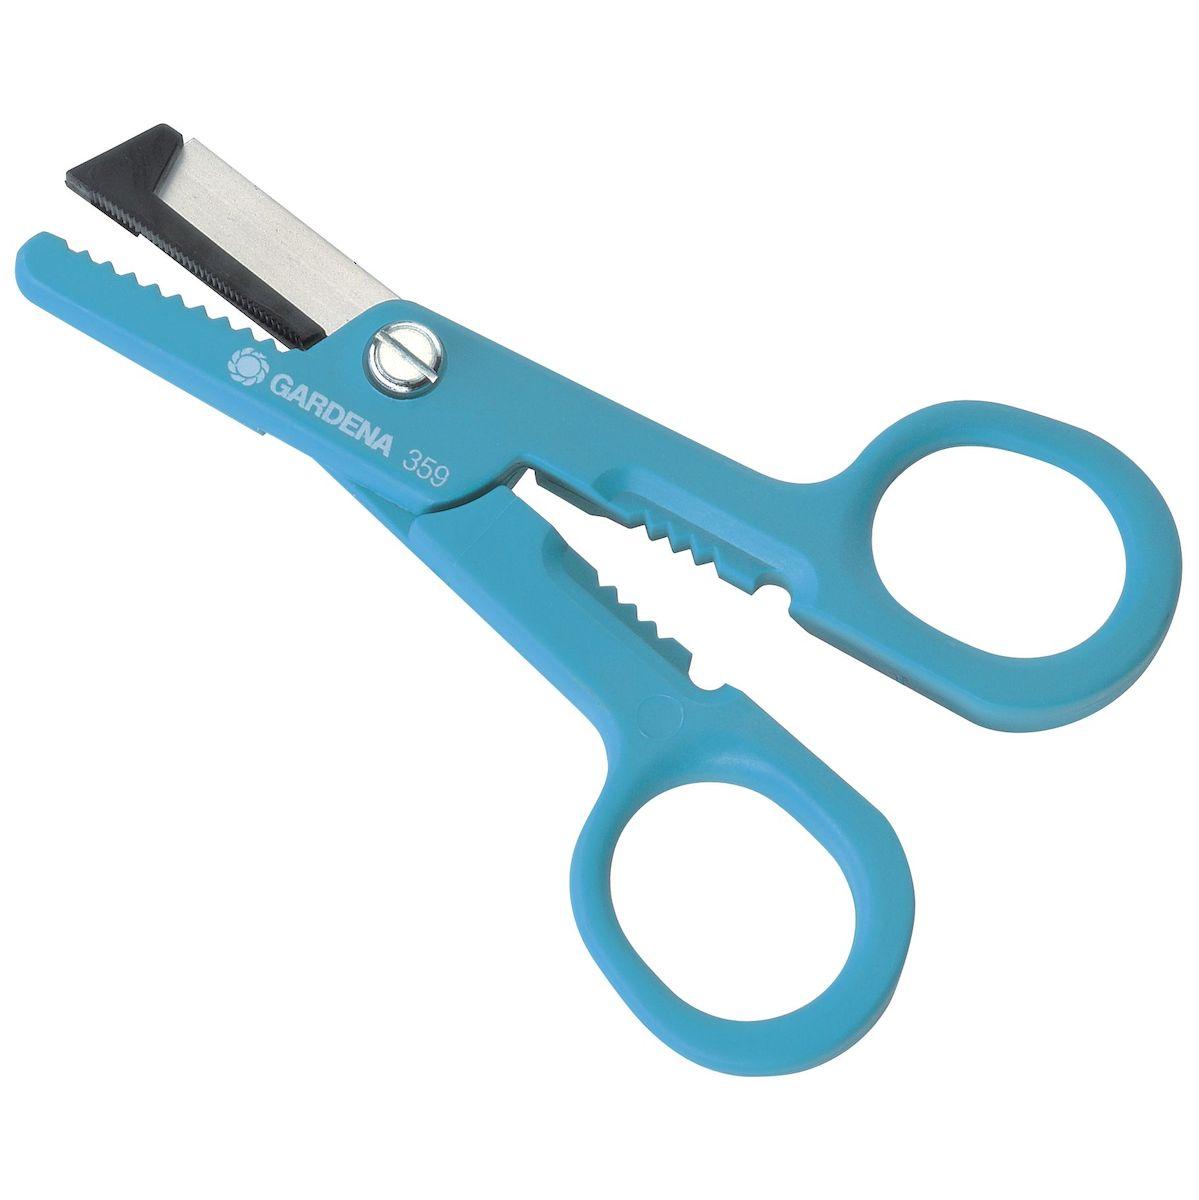 Ножницы для роз Gardena, длина 15,5 см00359-20.000.00Ножницы для роз Gardena имеют четыре функции: срезание, удерживание, удаление шипов и раздавливание концов стеблей. Лезвия ножниц изготовлены из нержавеющей стали, рукоятка - из ПВХ.Ножницы для роз Gardena станут незаменимым инструментом при садовых работах